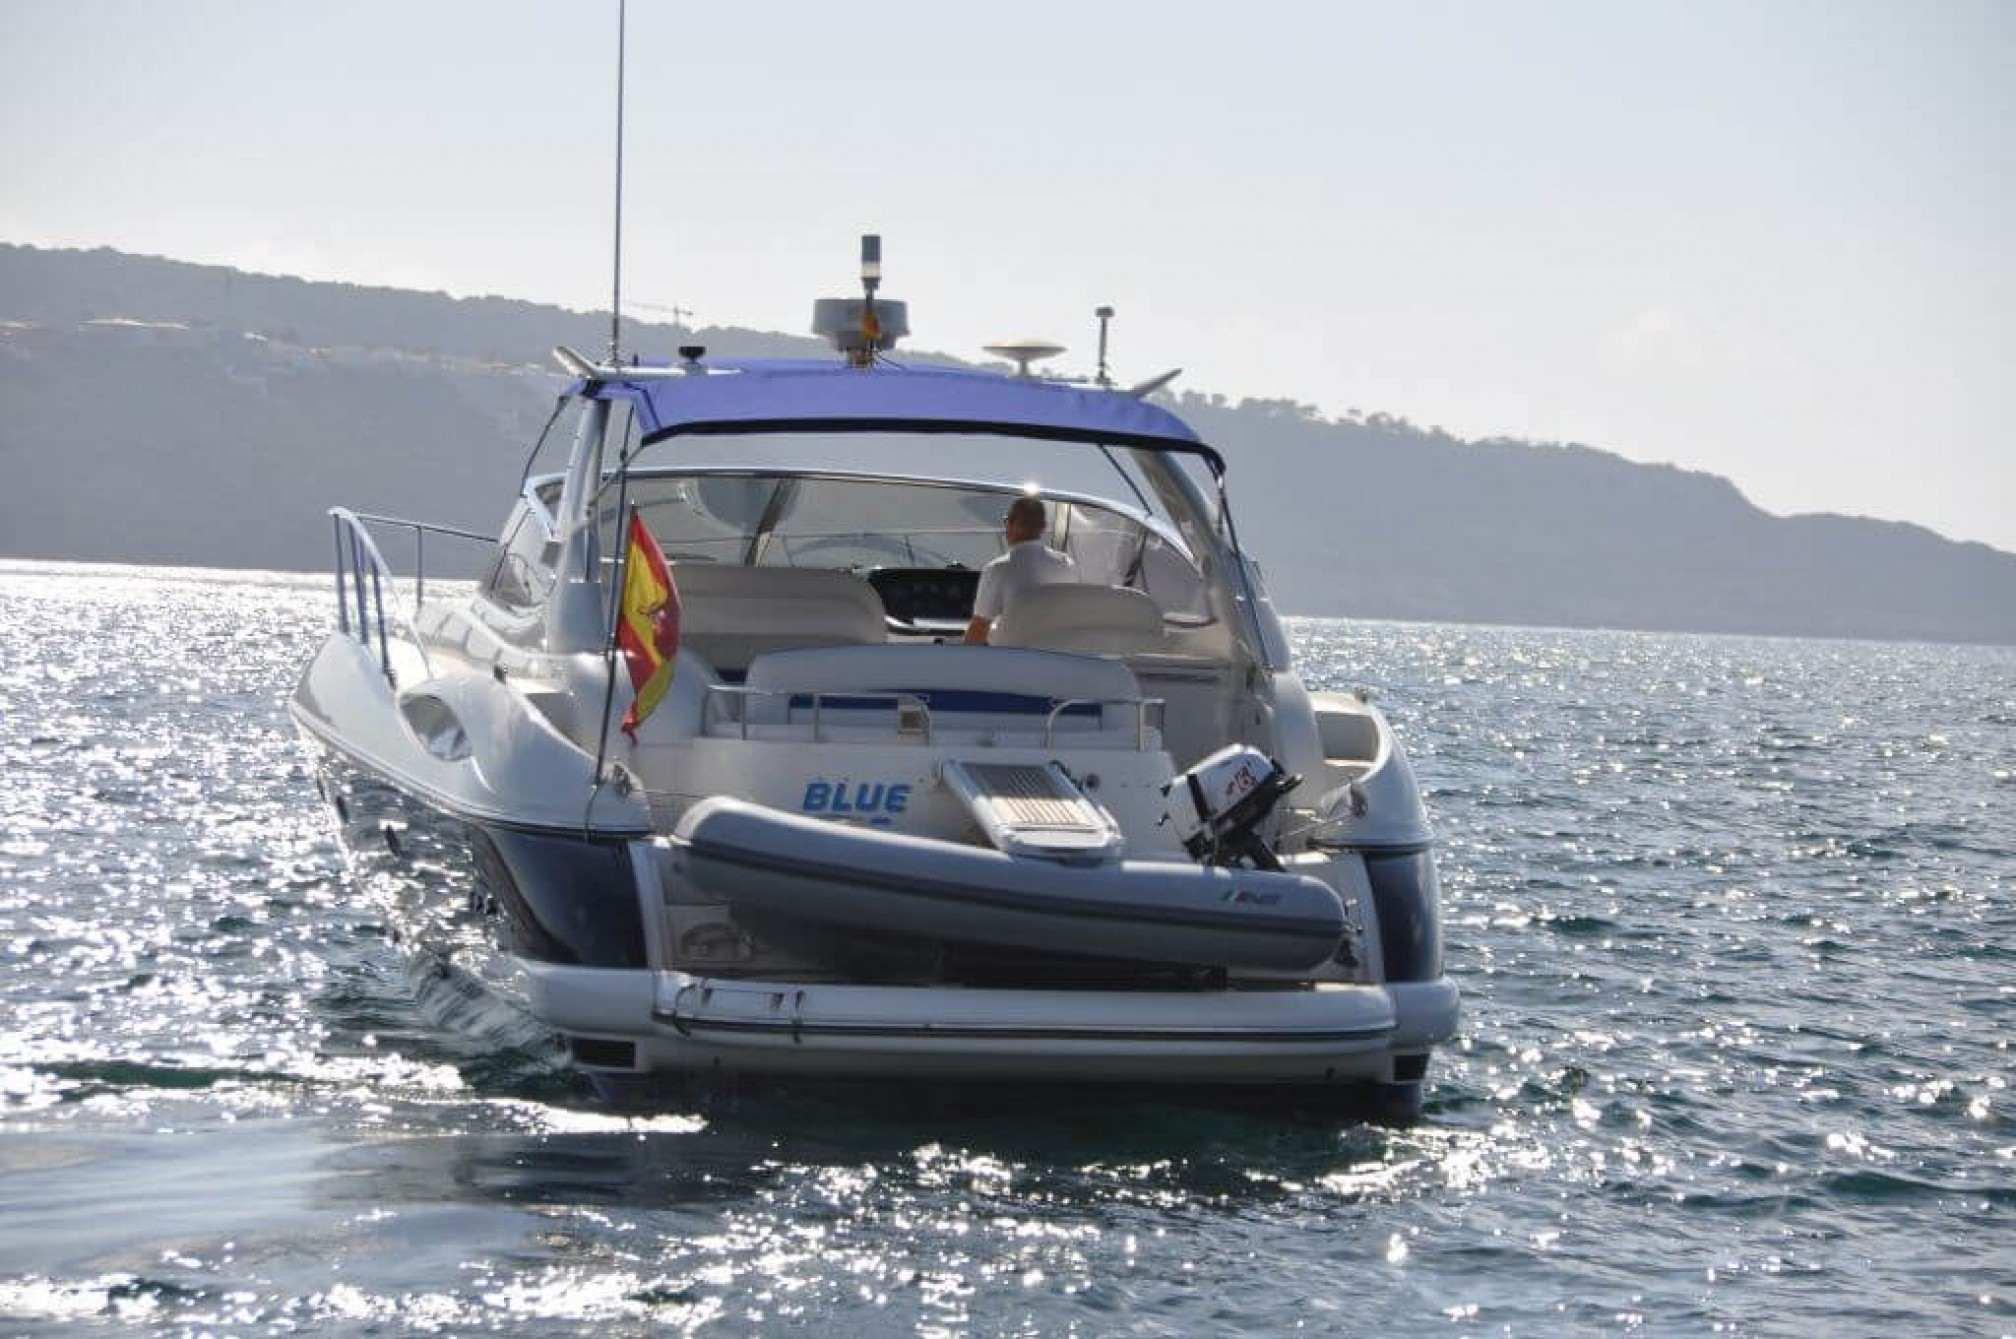 Sunseeker Camargue 44 yacht charter sailing